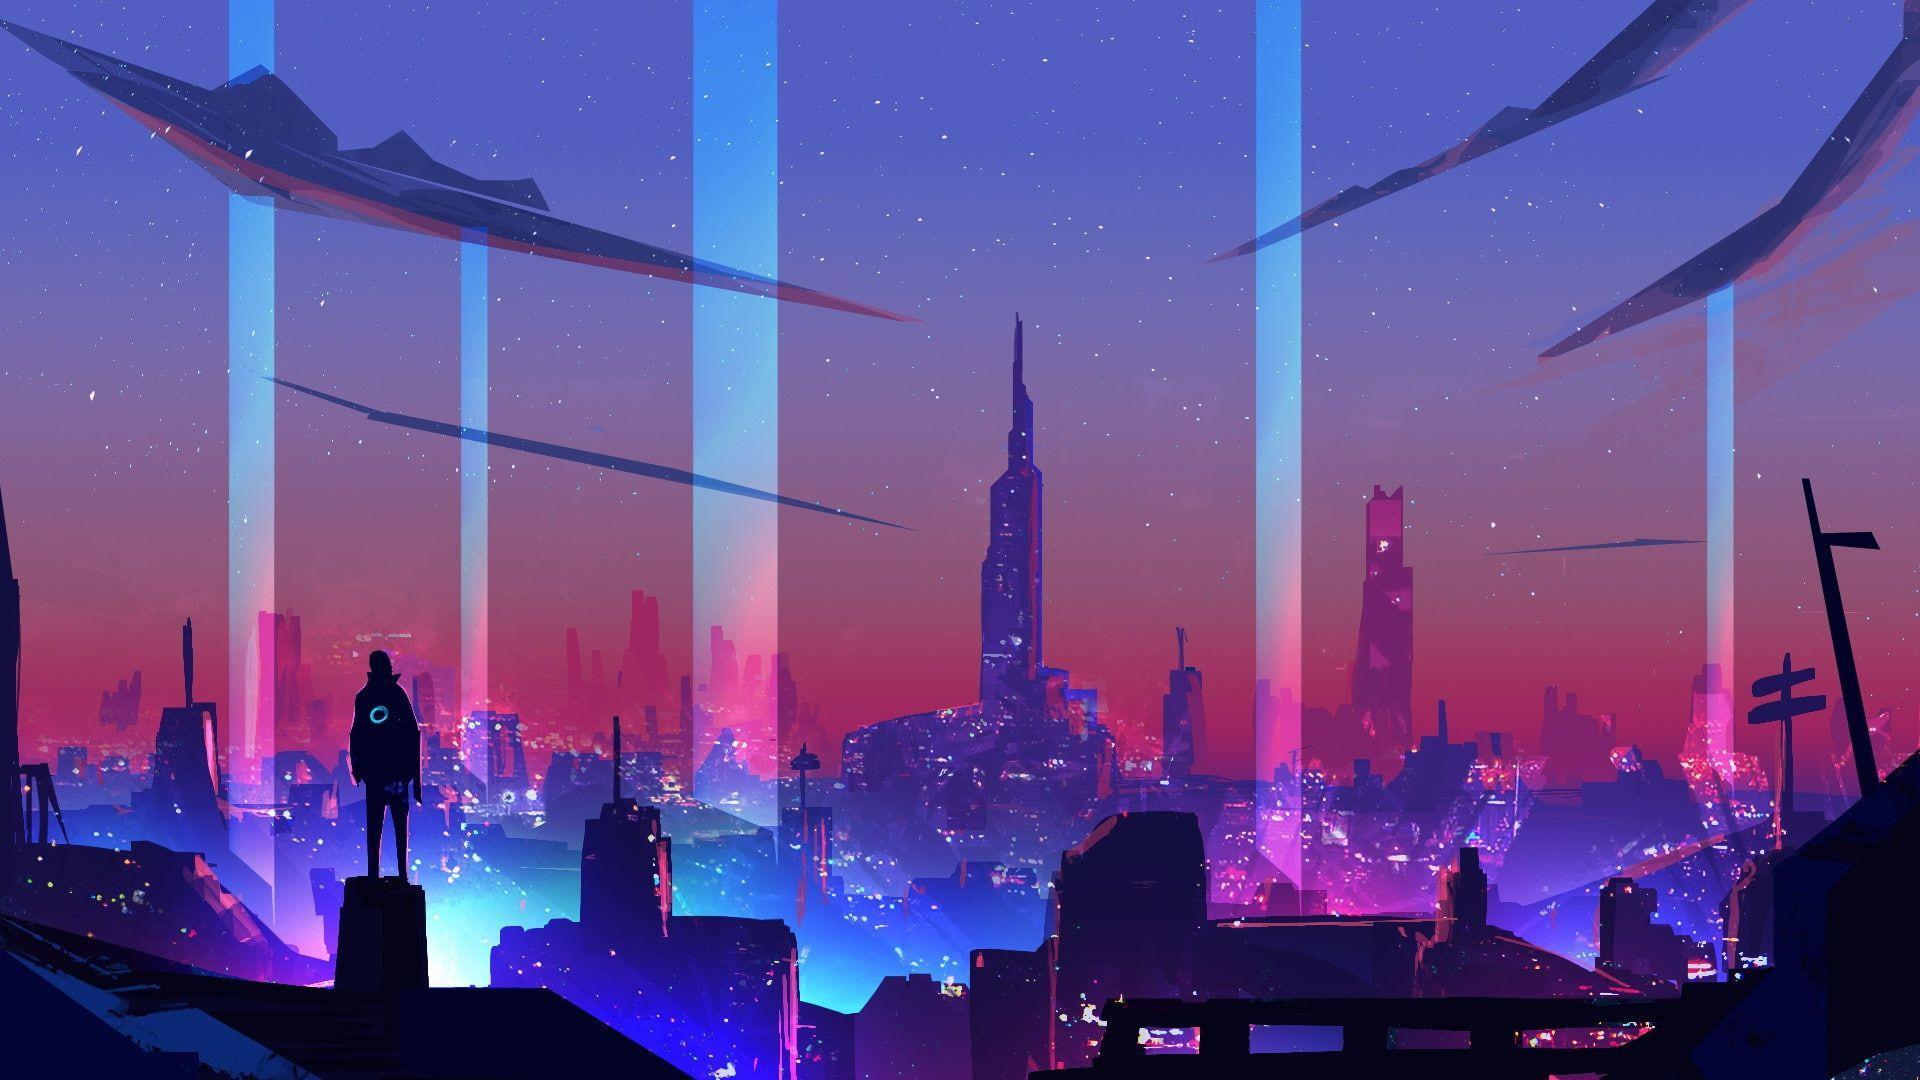 Desktop Cyberpunk Wallpapers - Wallpaper Cave